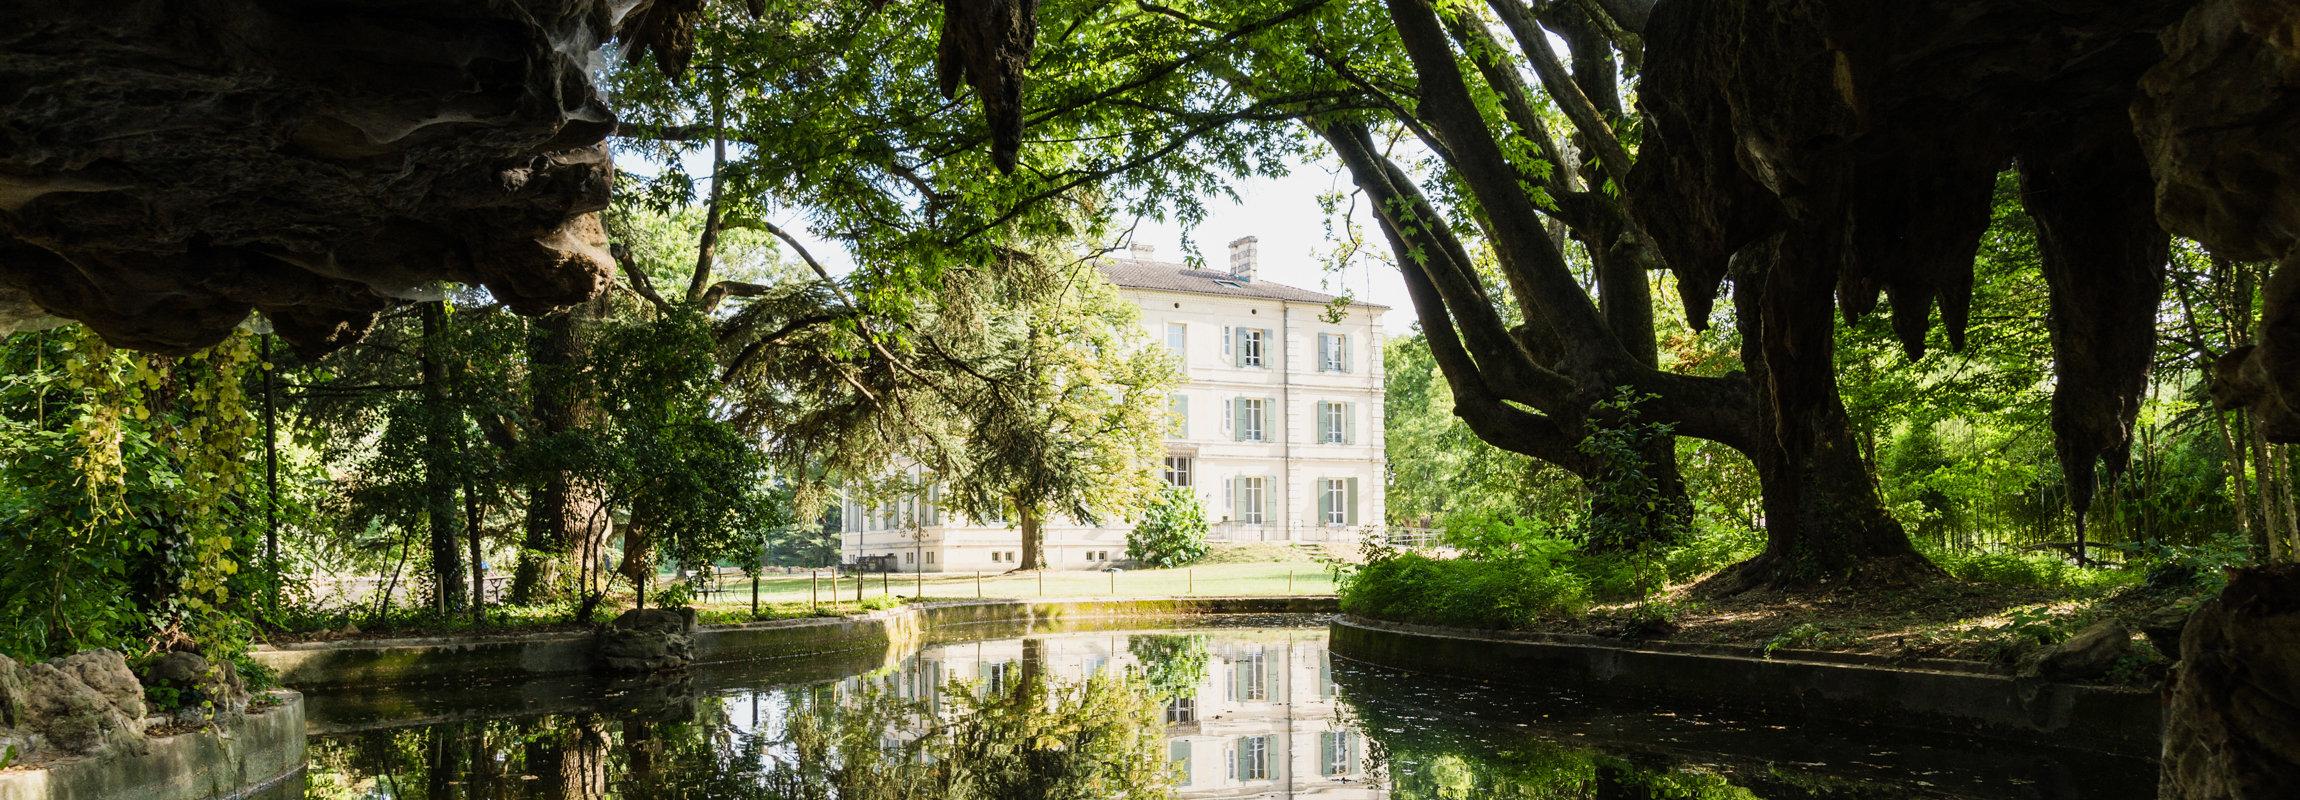 La grotte historique du Château de Montcaud, hôtel Provence